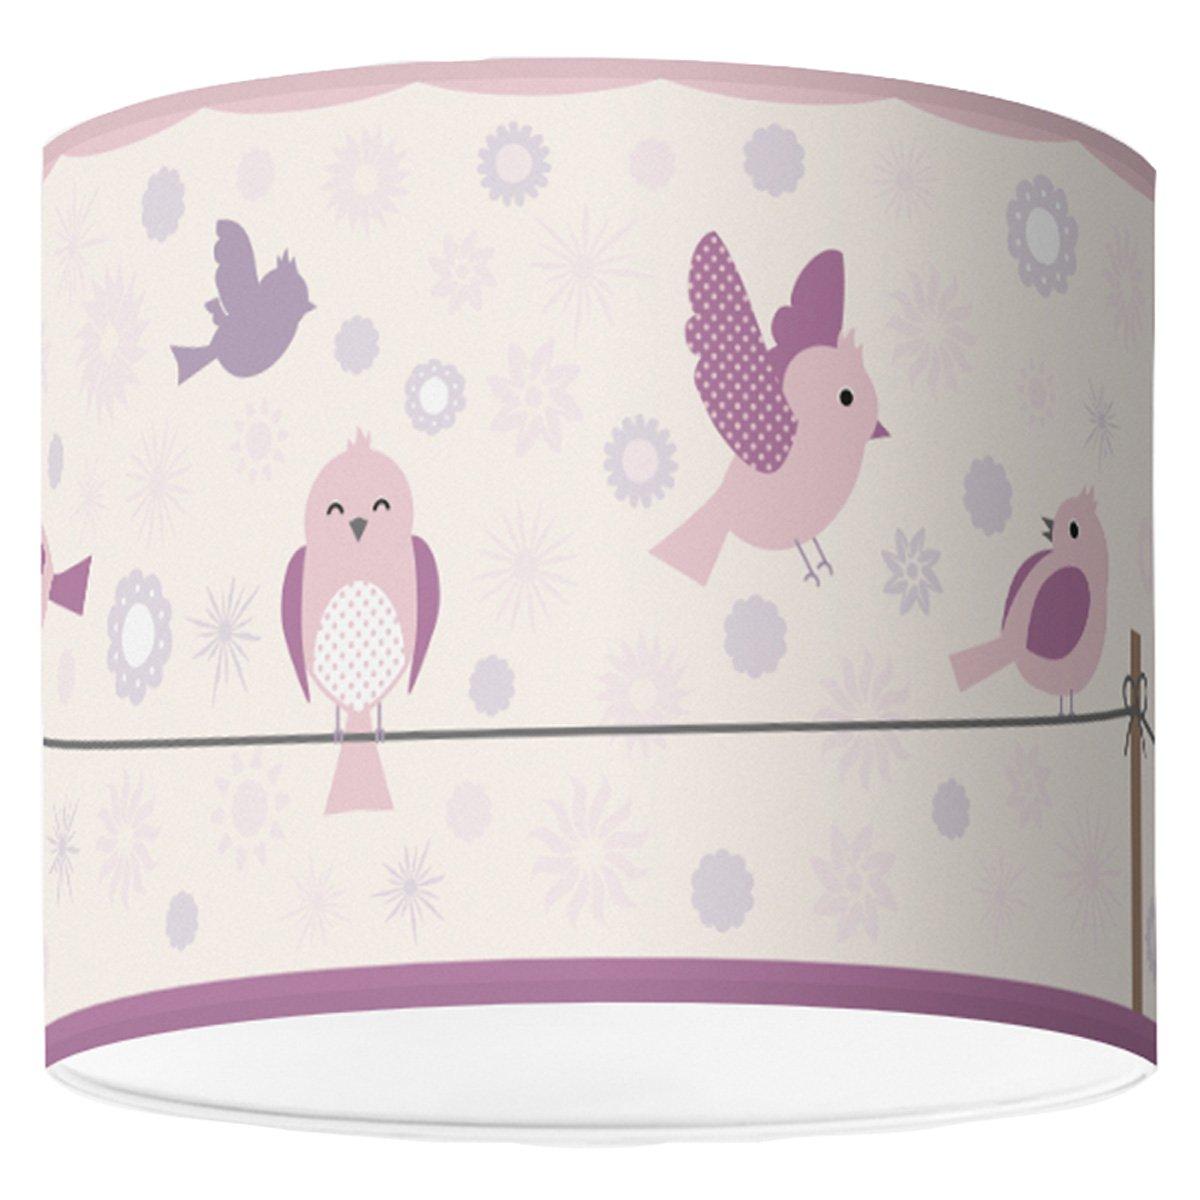 Lampenschirm für Jugendzimmer von Hapytaly - Birds & Flowers Motiv für Baby- und Kinderlampen, Mädchen und Jungen – Ø16 cm - schöne Deckenleuchte, Hängeleuchte, Tischlampe oder Stehleuchte Hängeleuchte HAPYTALY®